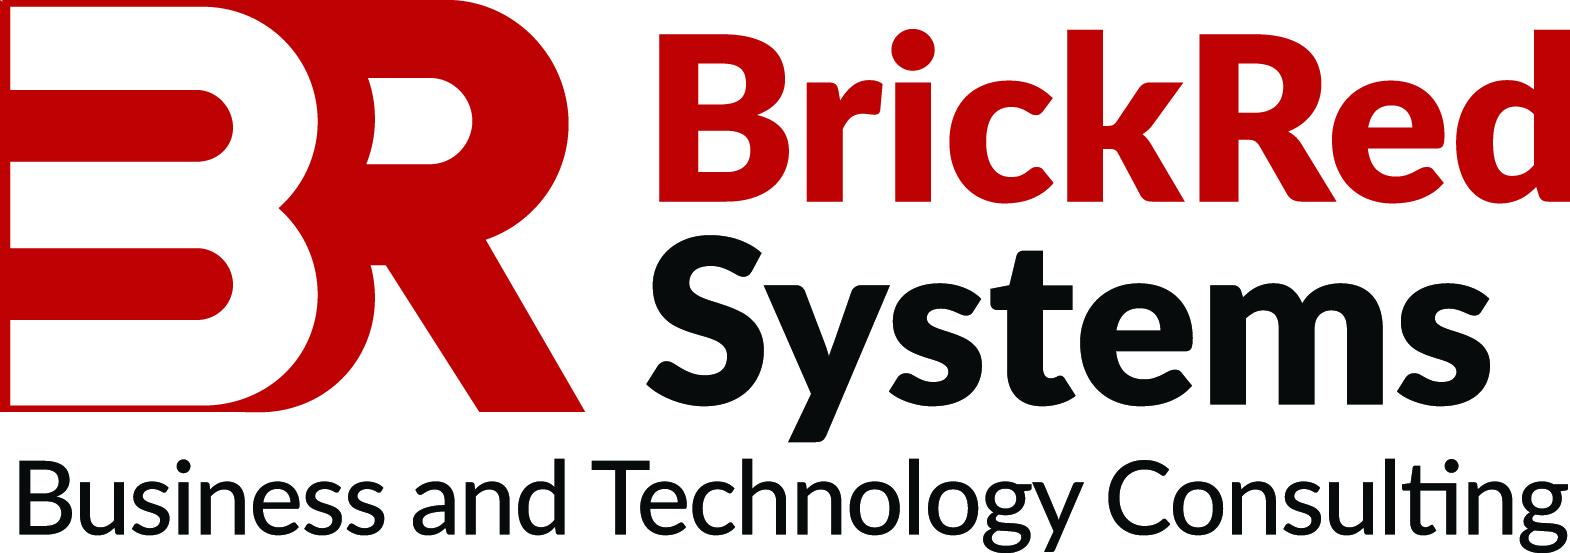 Brickred Systems LLC